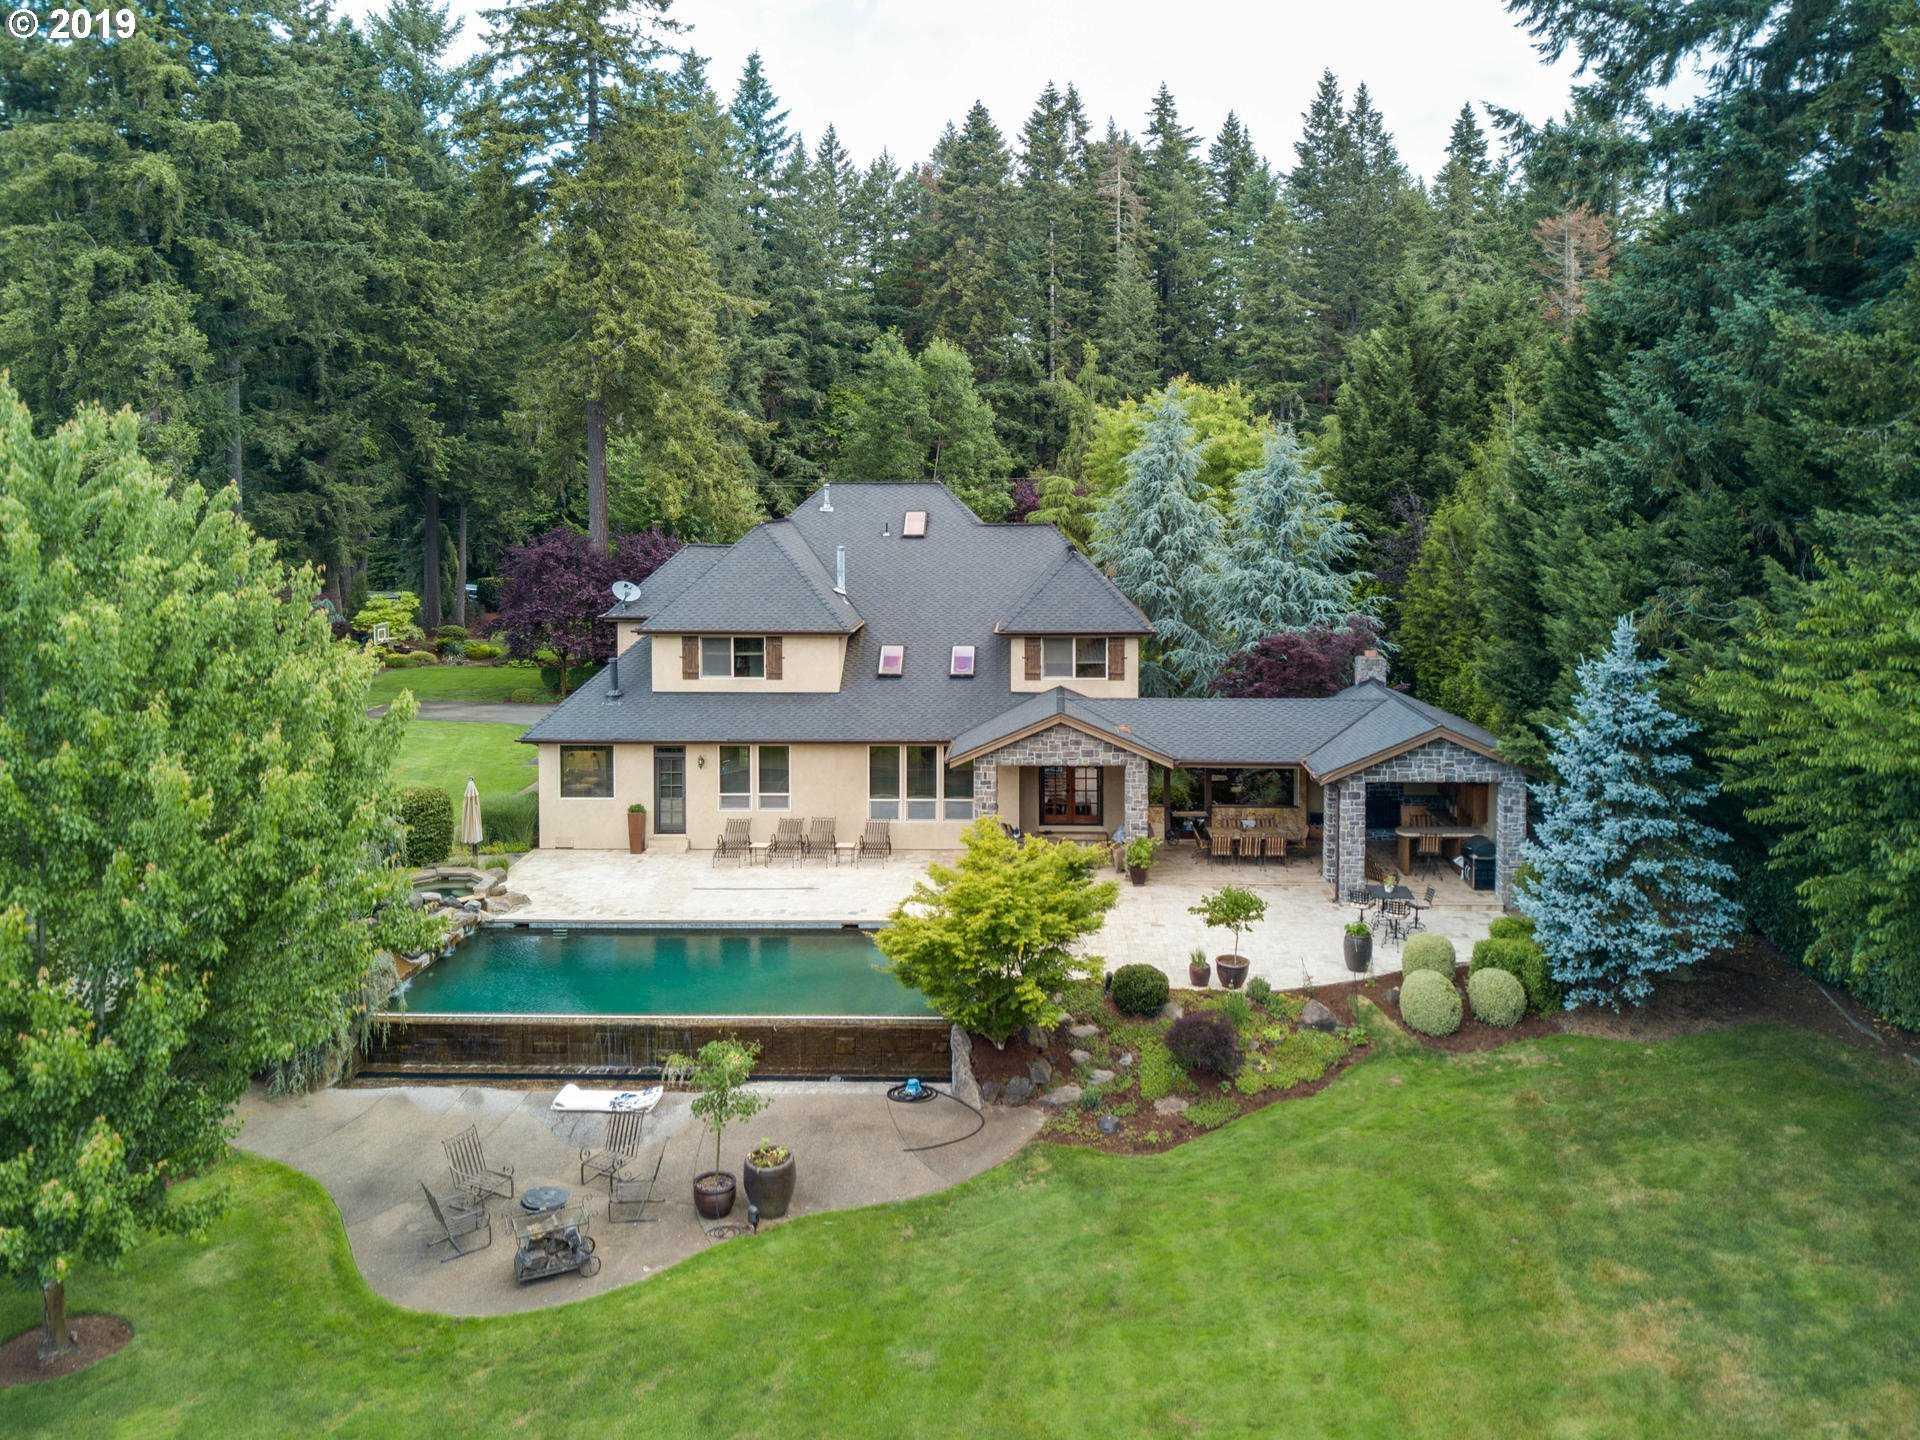 $1,499,000 - 4Br/3Ba -  for Sale in Peach Cove/hebb Park, West Linn